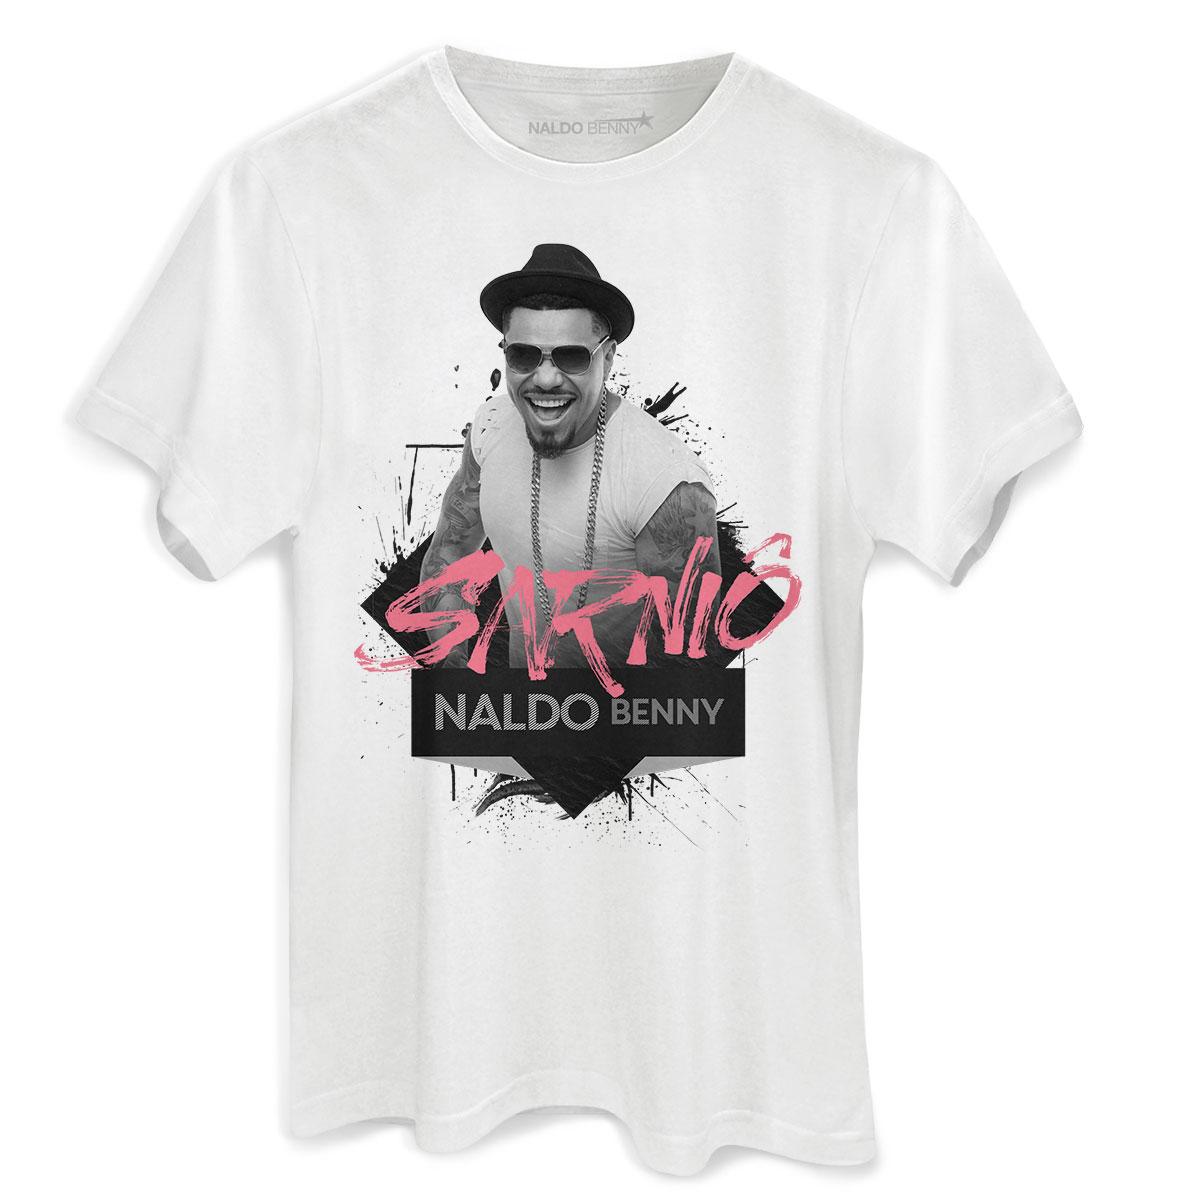 Camiseta Masculina Naldo Benny Sarniô PB